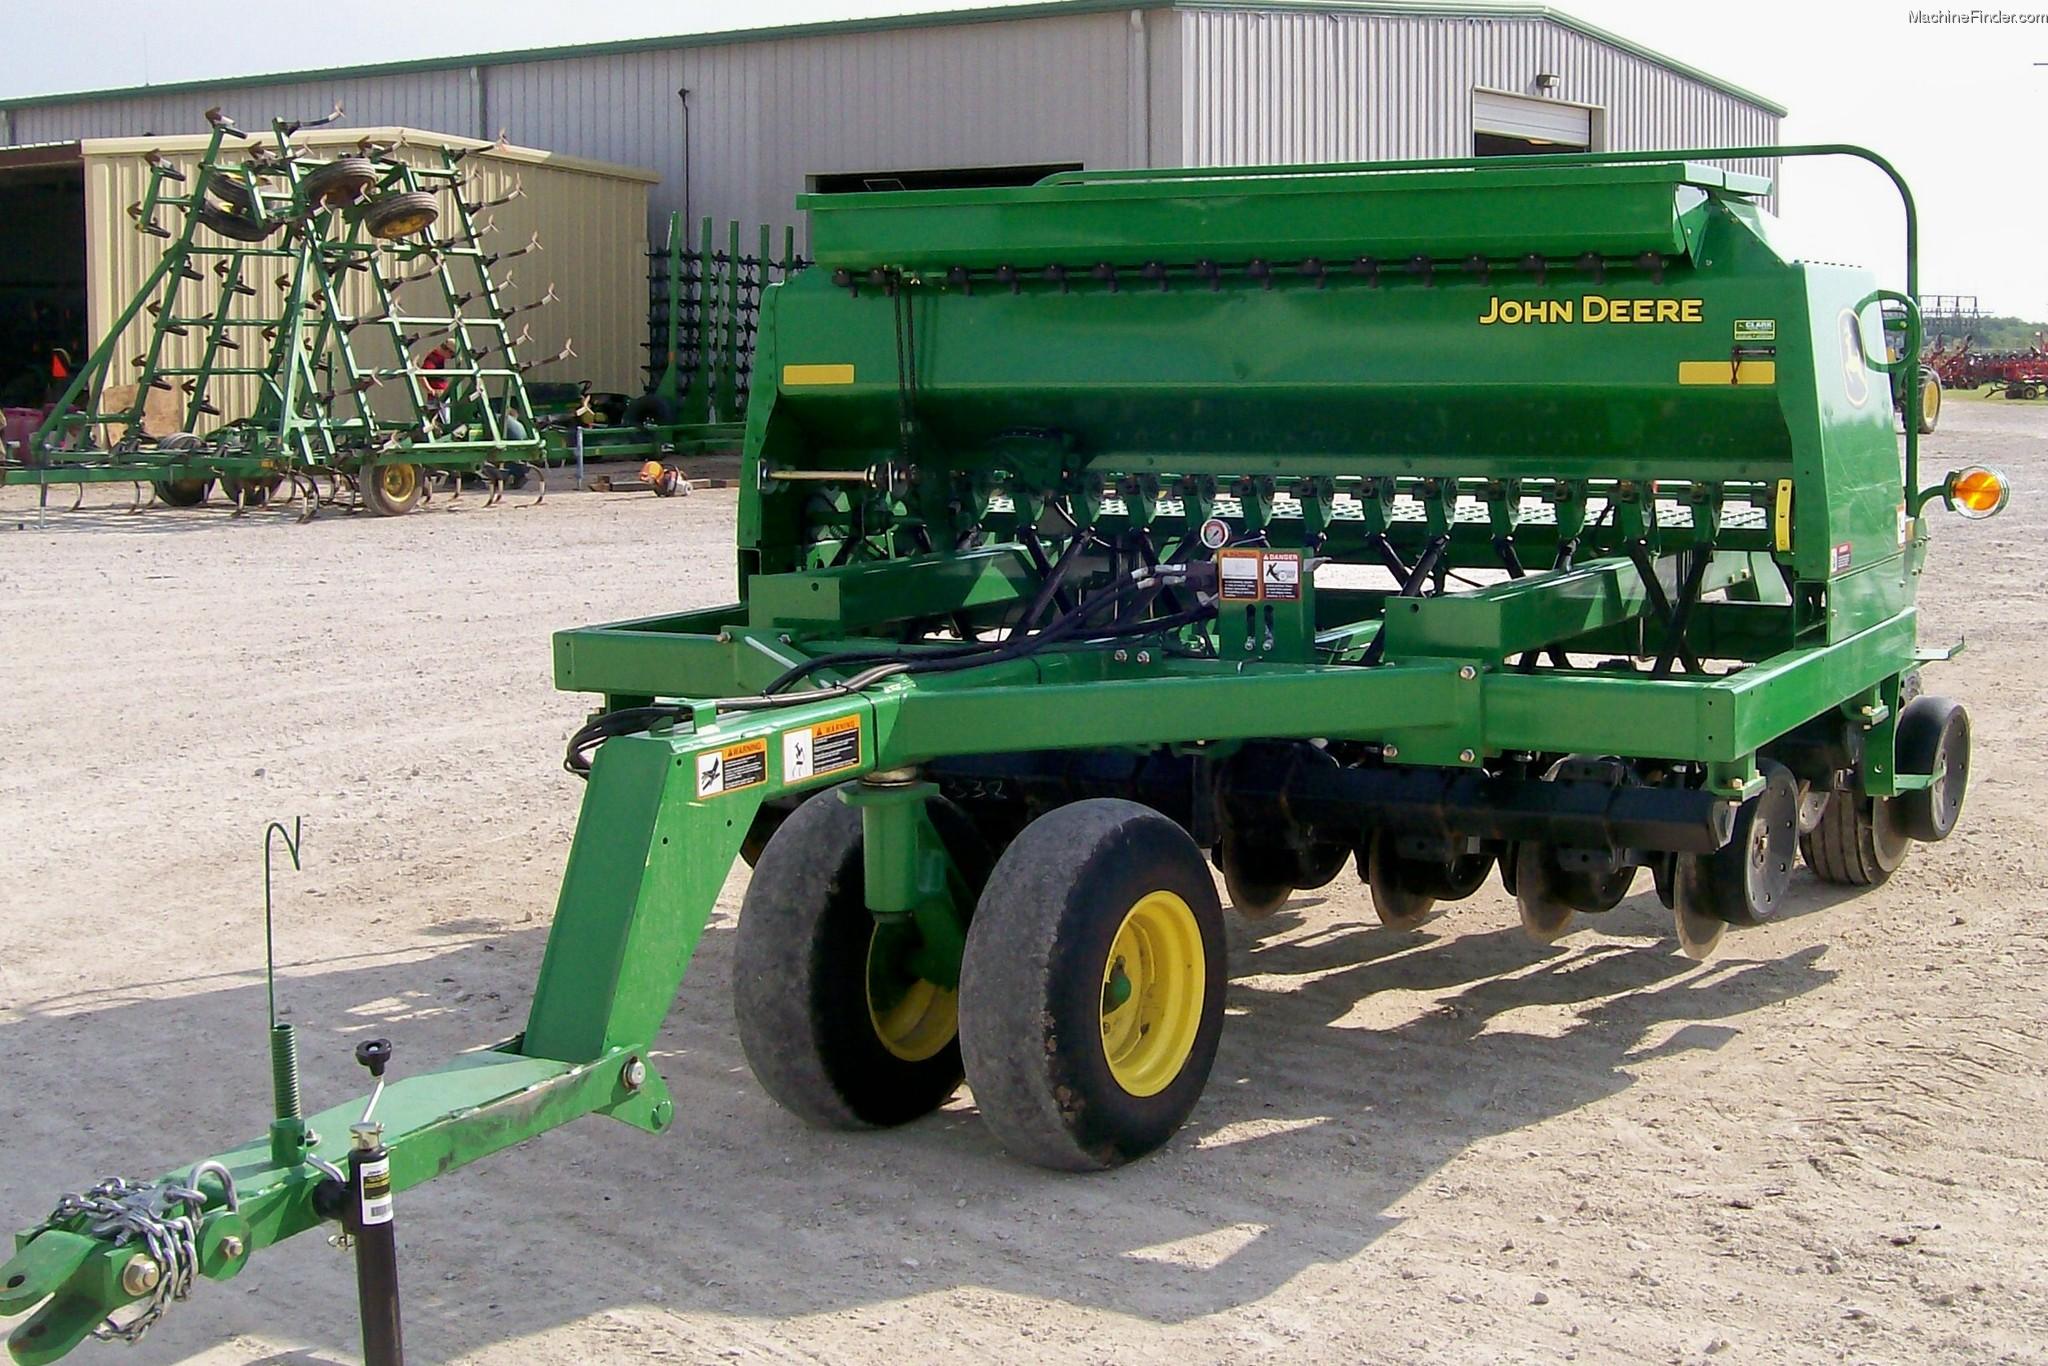 Product Spotlight: The John Deere 1590 No-Till Drill